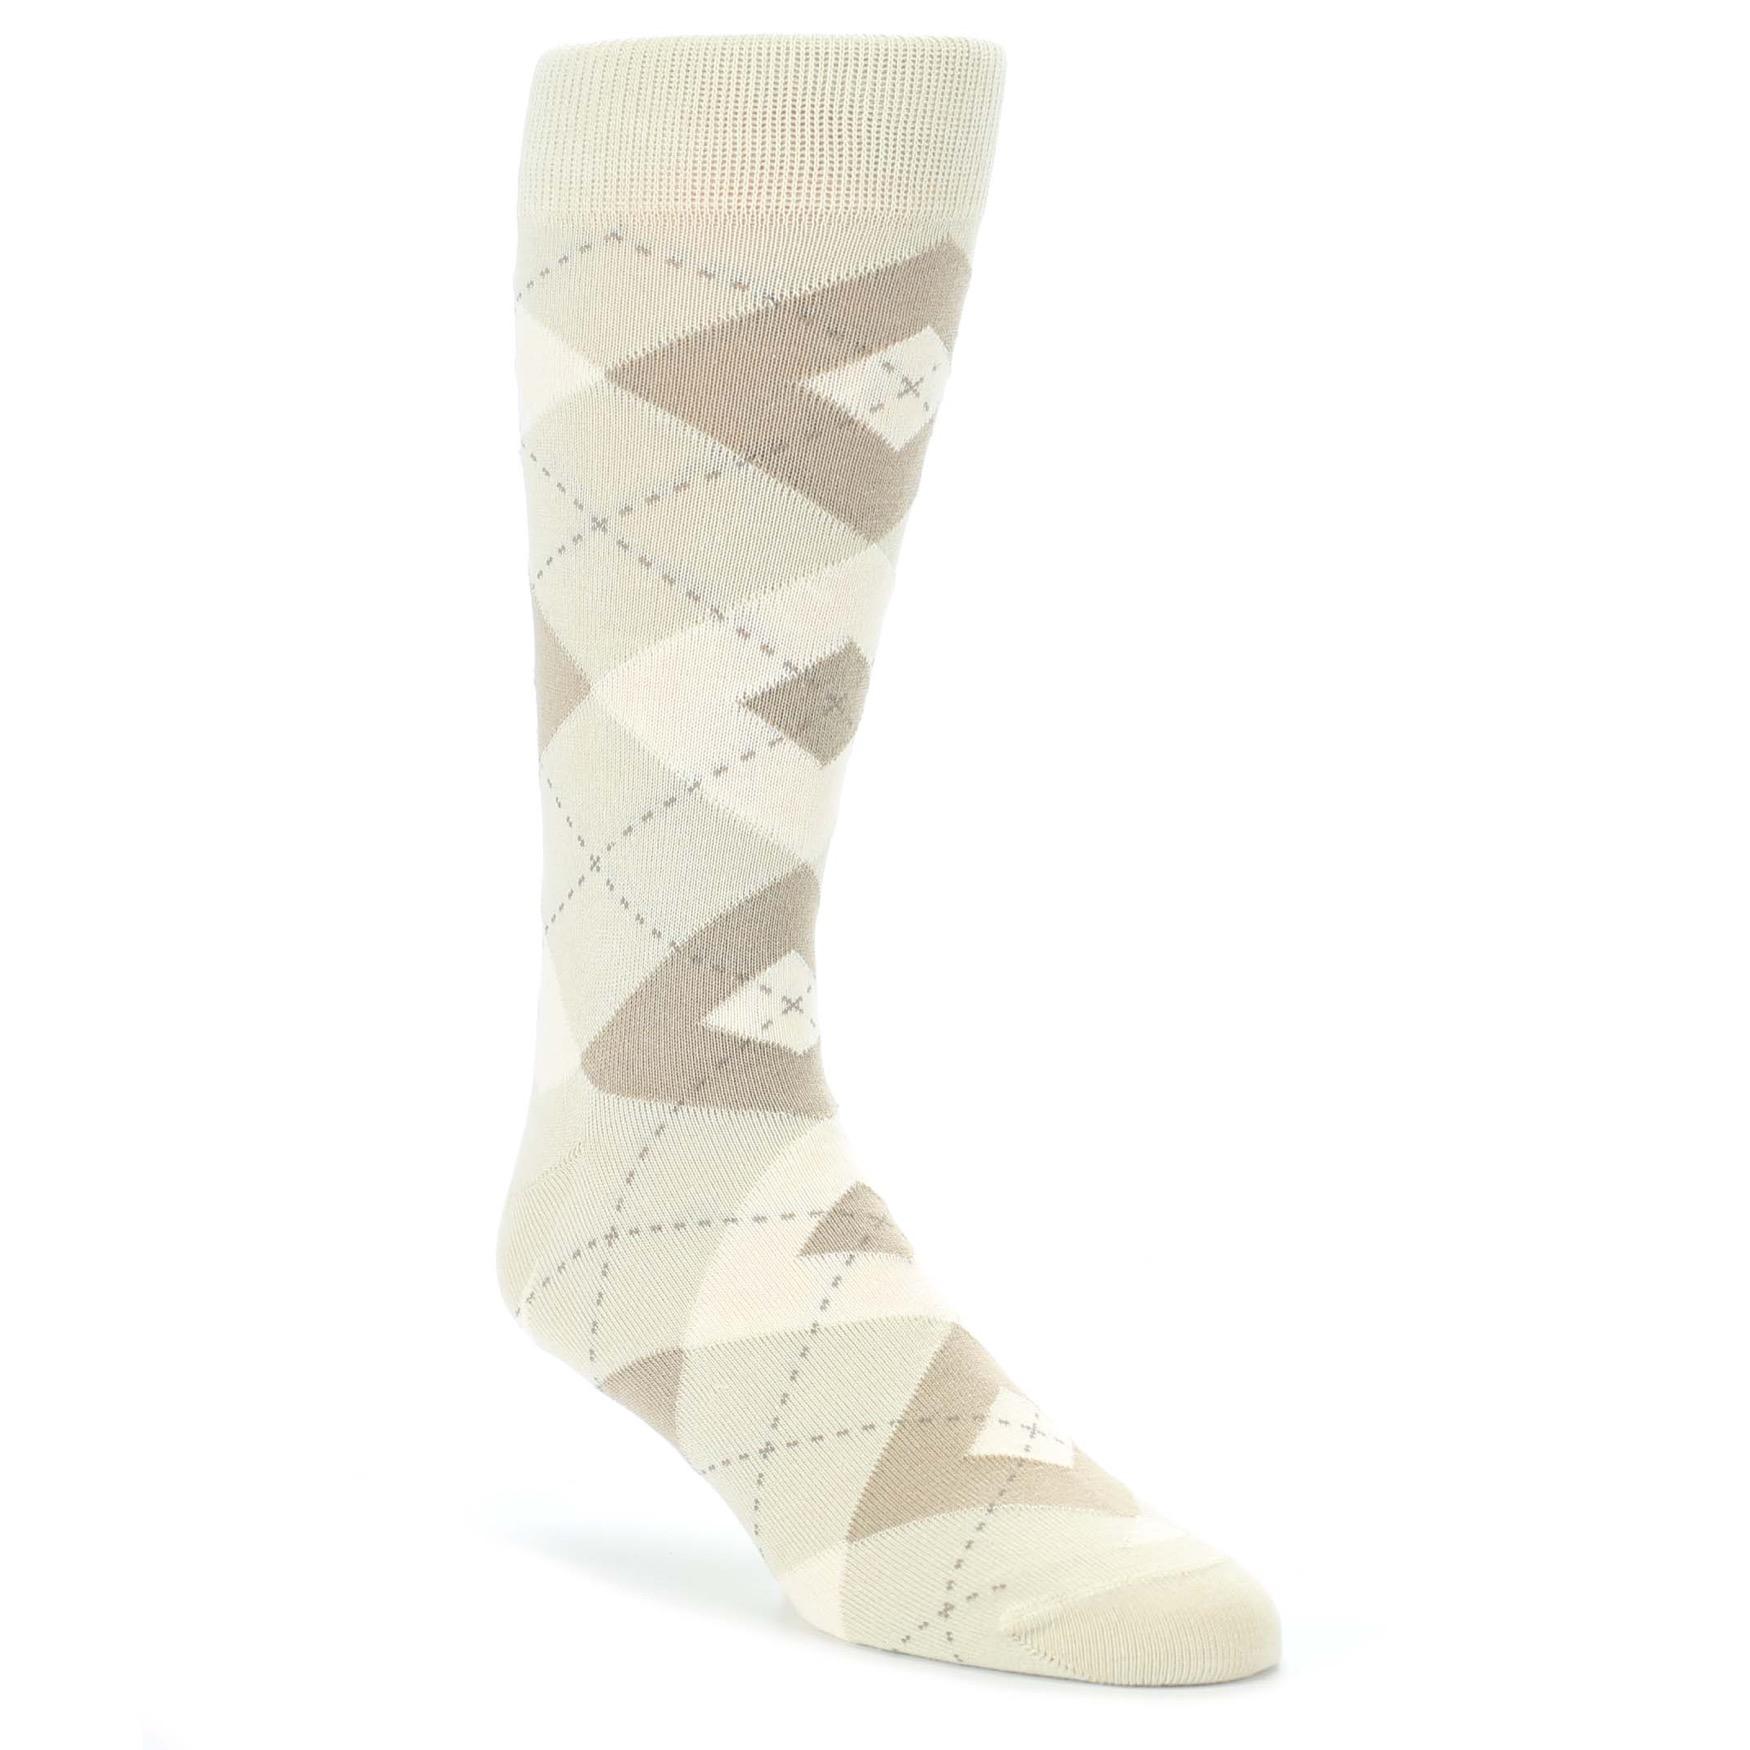 9f3b6e754cf6 Champagne Argyle Wedding Groomsmen Men's Dress Socks - Statement Sockwear